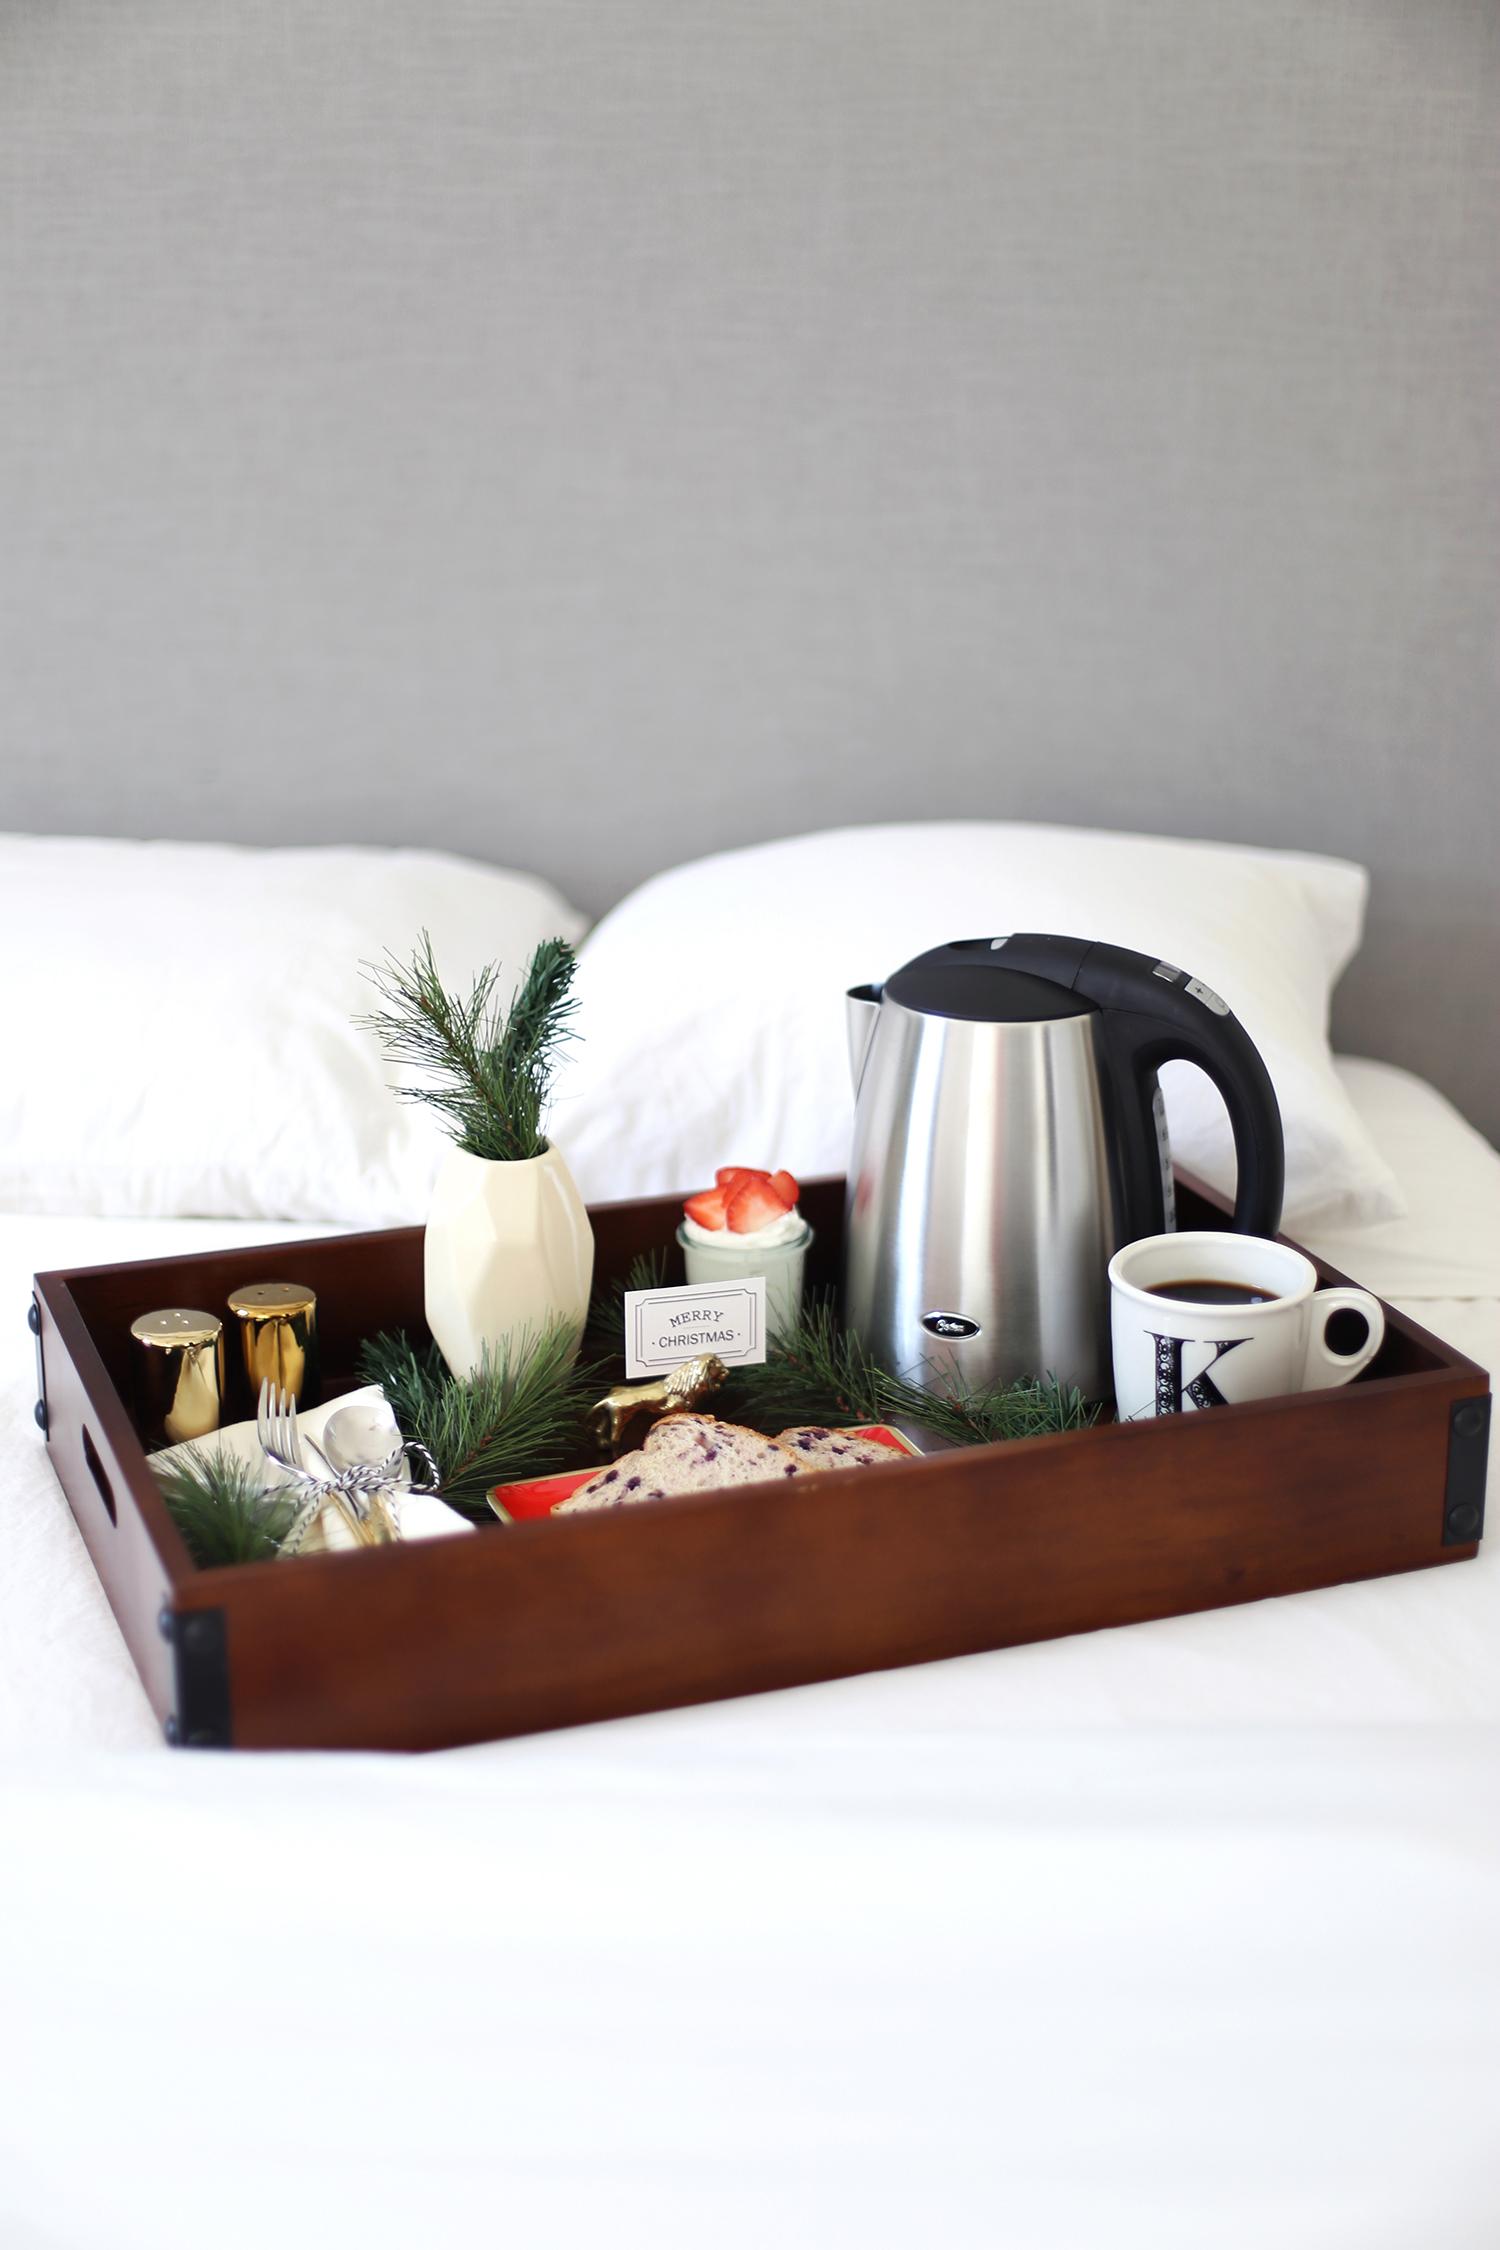 ideas for breakfast in bed